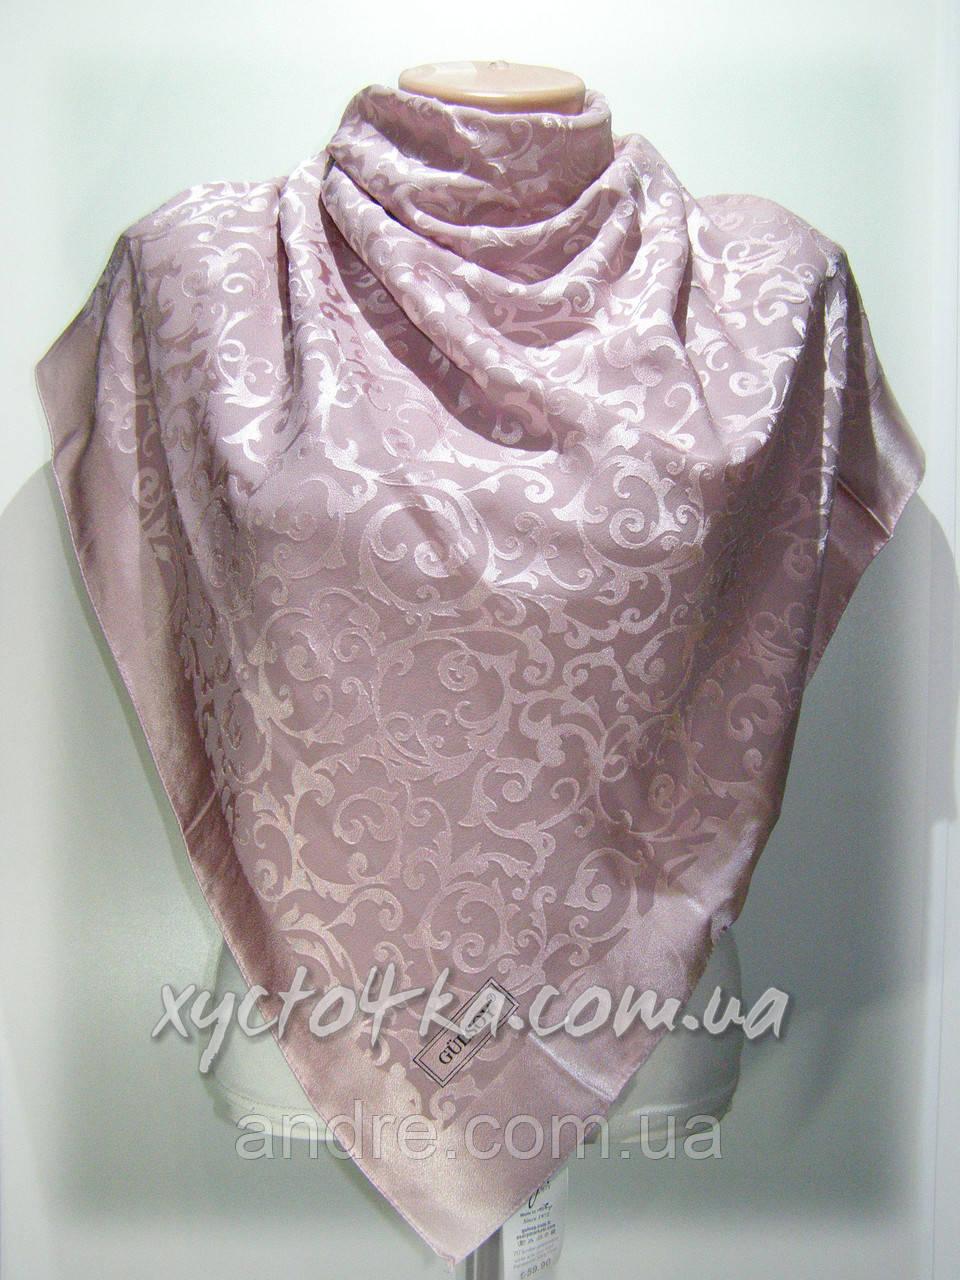 Шелковый платок Афродита бледно розовый